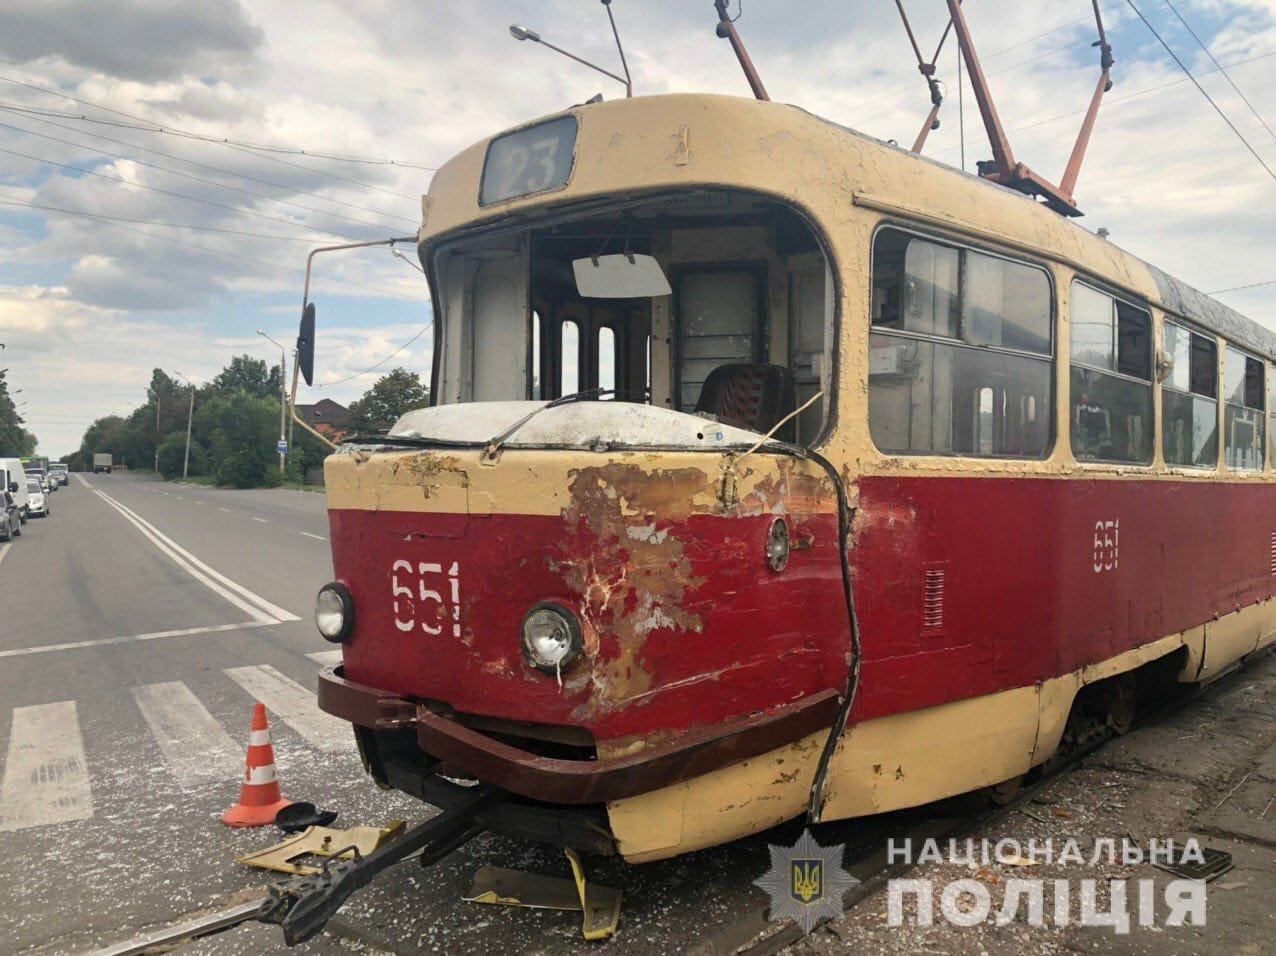 В Харькове бензовоз столкнулся с трамваем. Пострадала водитель, - ФОТО, фото-3